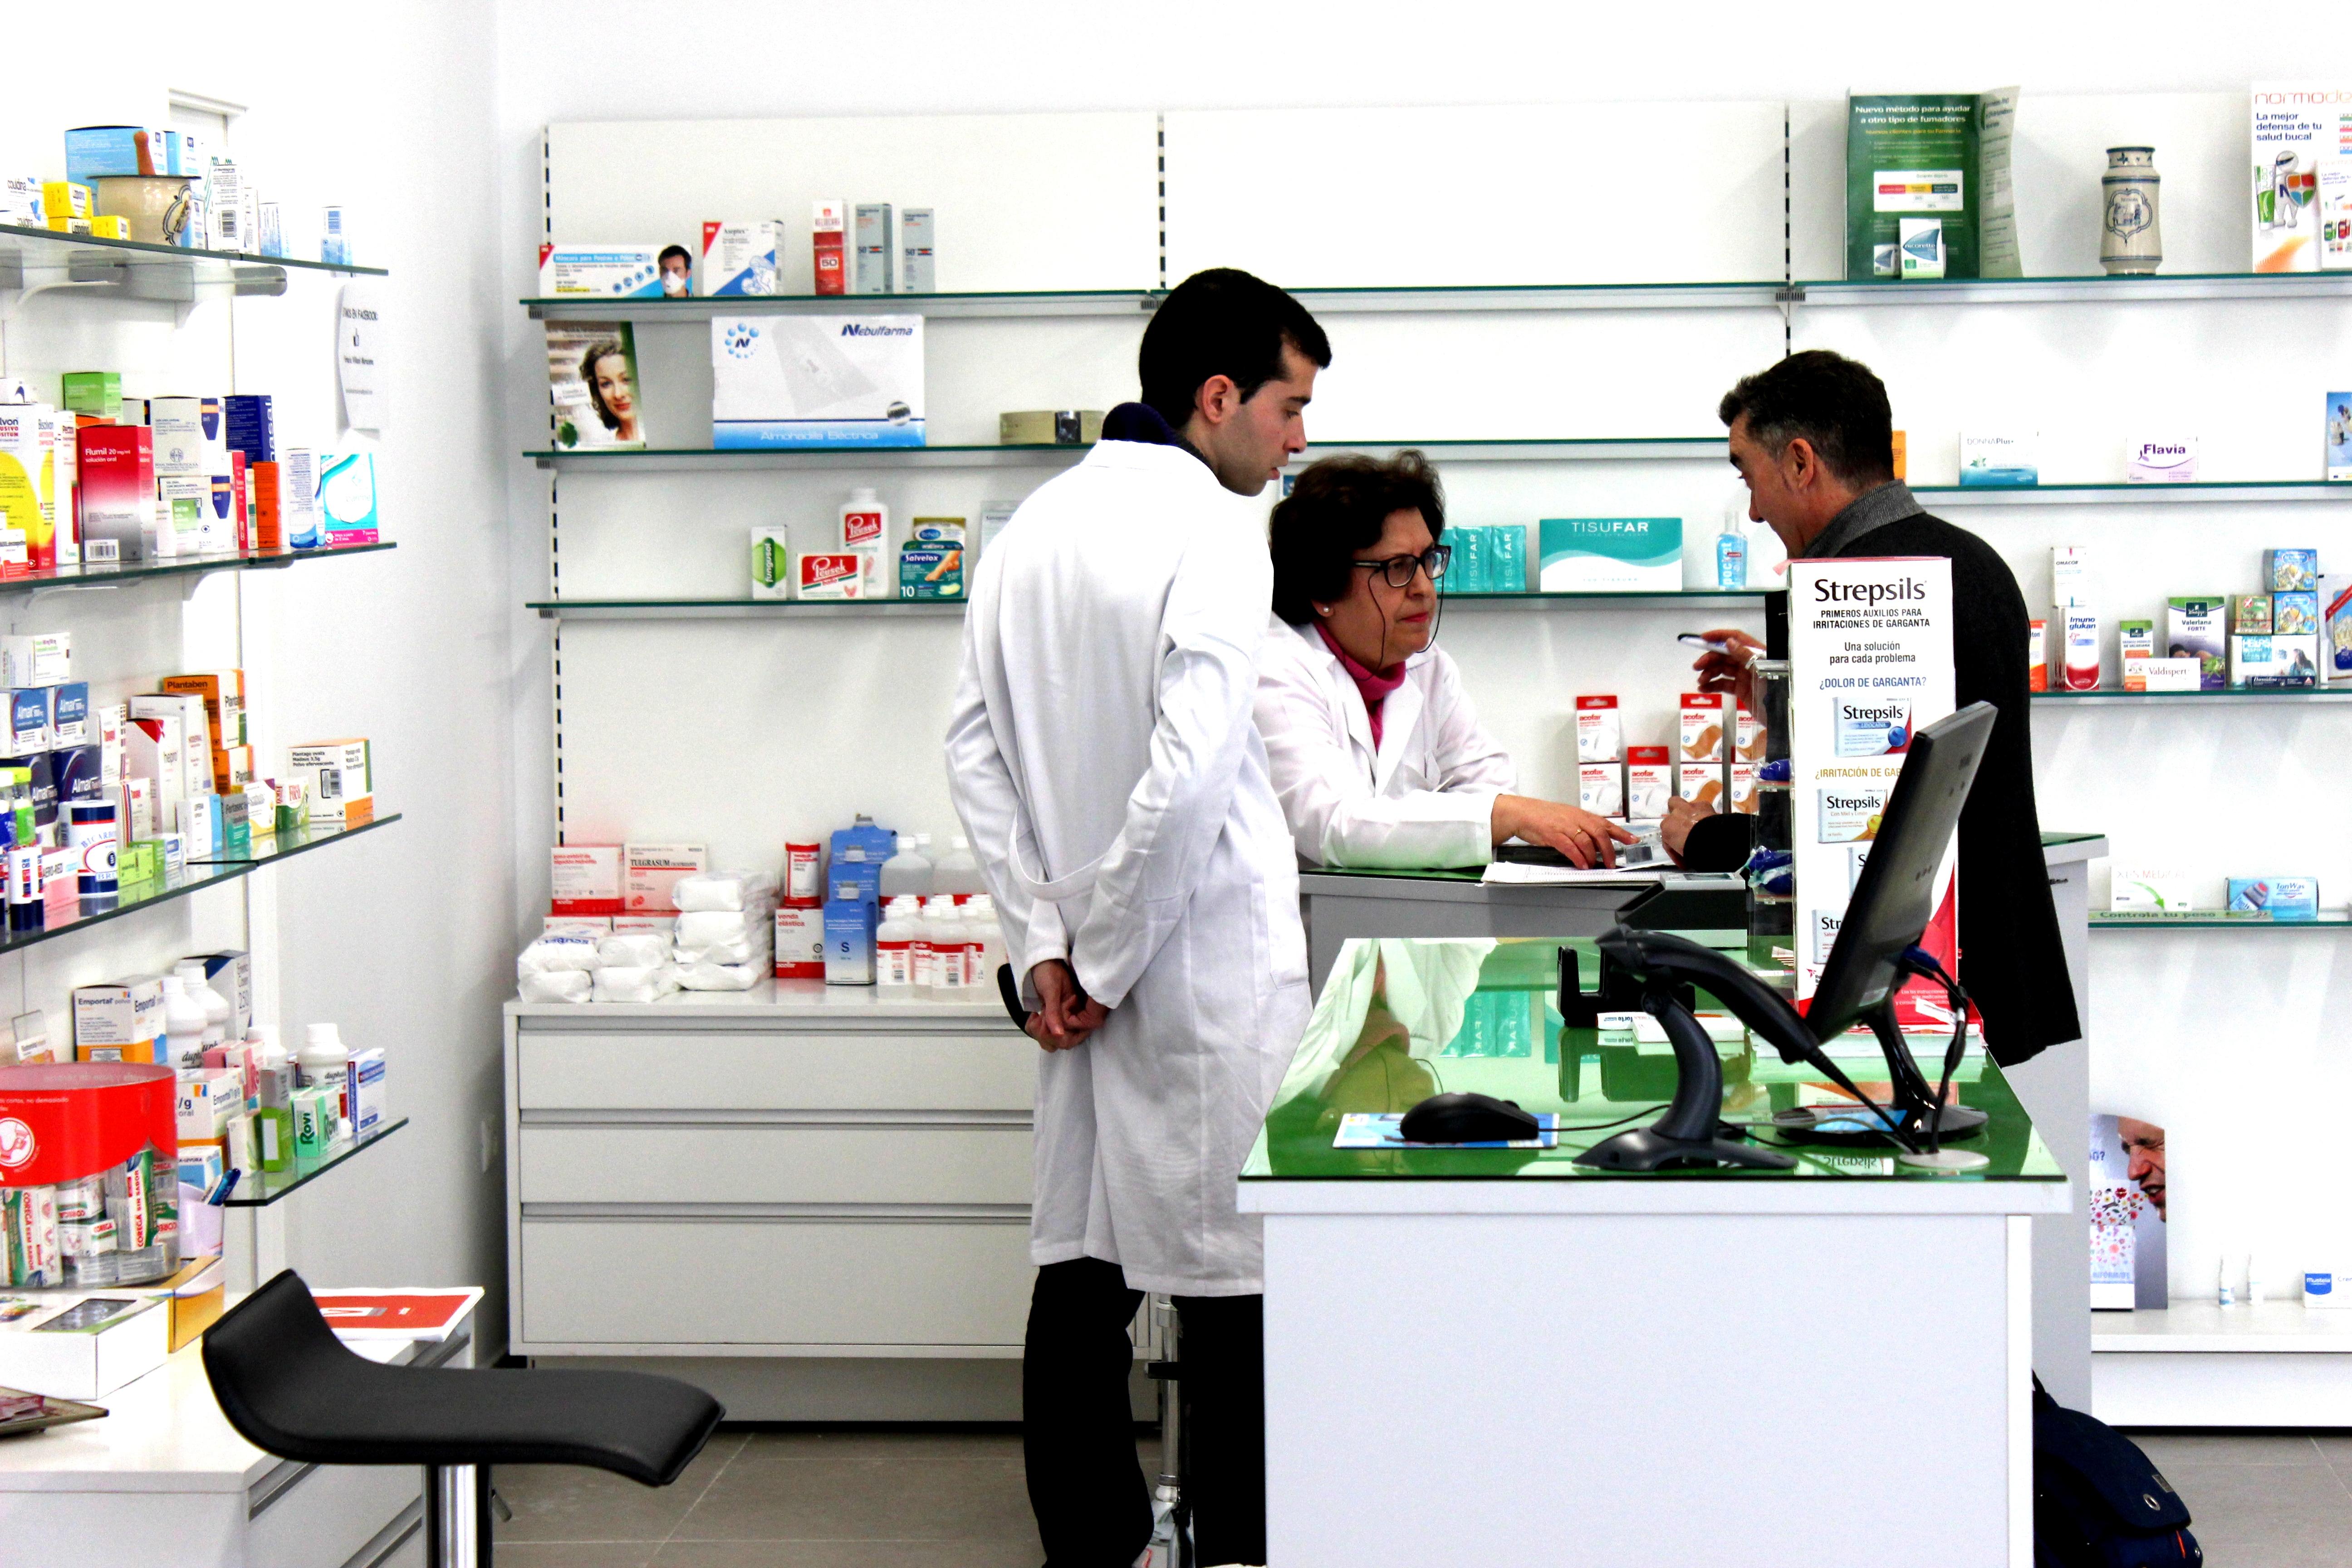 Farmacia Villasol Maracena Mar A Ngeles # Muebles Farmacia